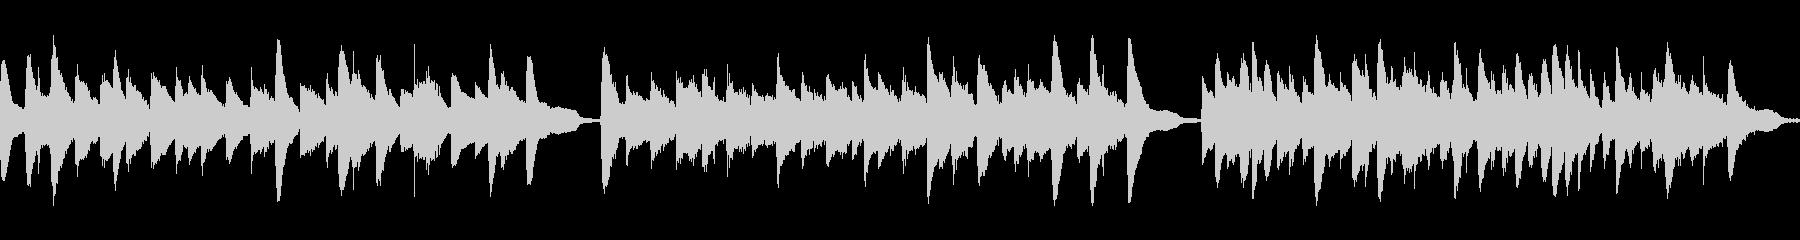 クラシック風ジングル37A-ピアノソロ の未再生の波形